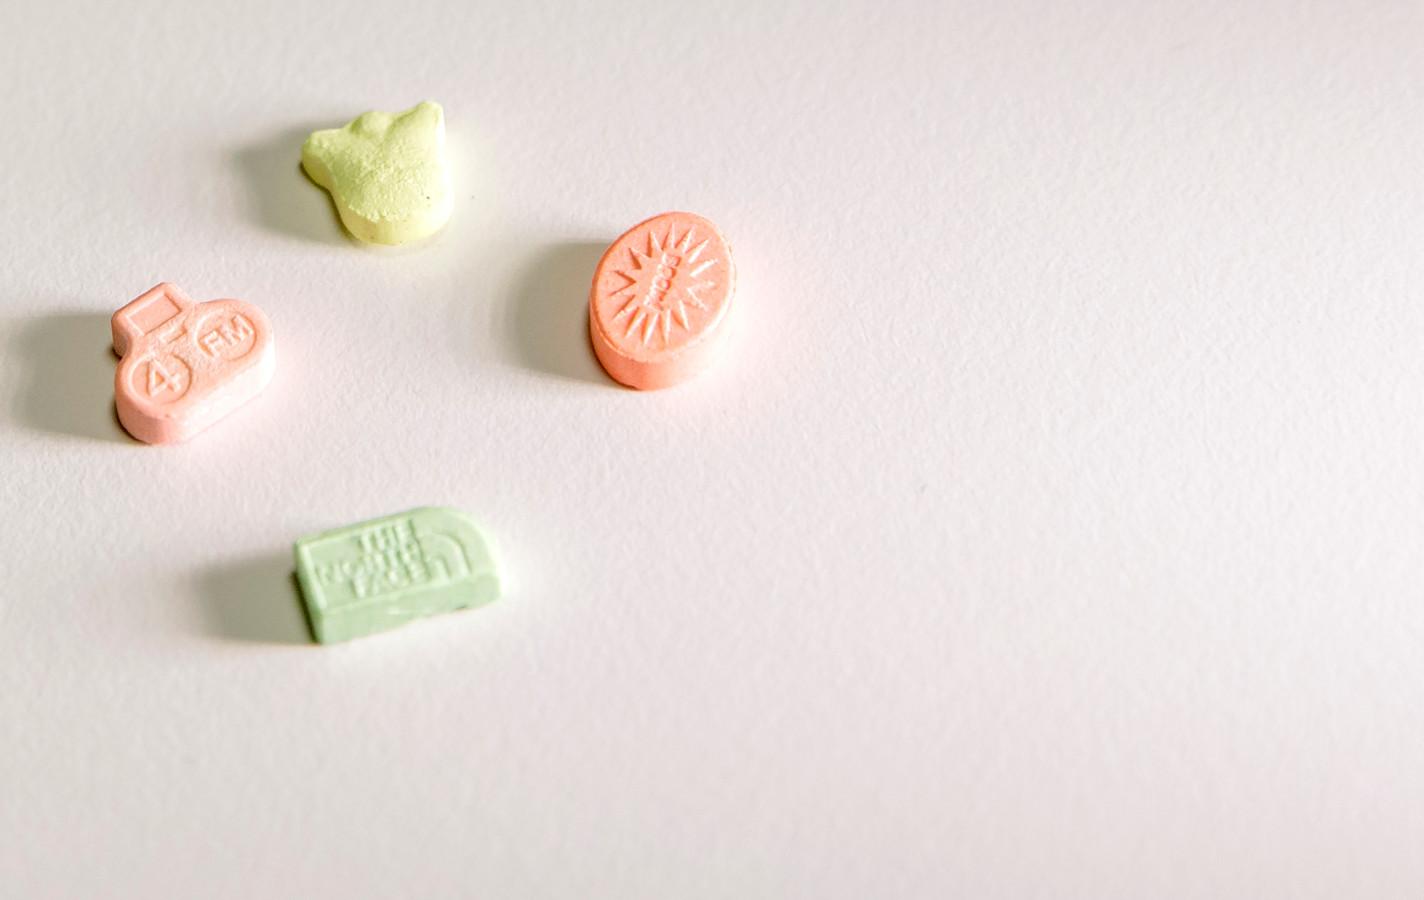 Vier pillen van de drug 4-FA. ANP SANDER KONING